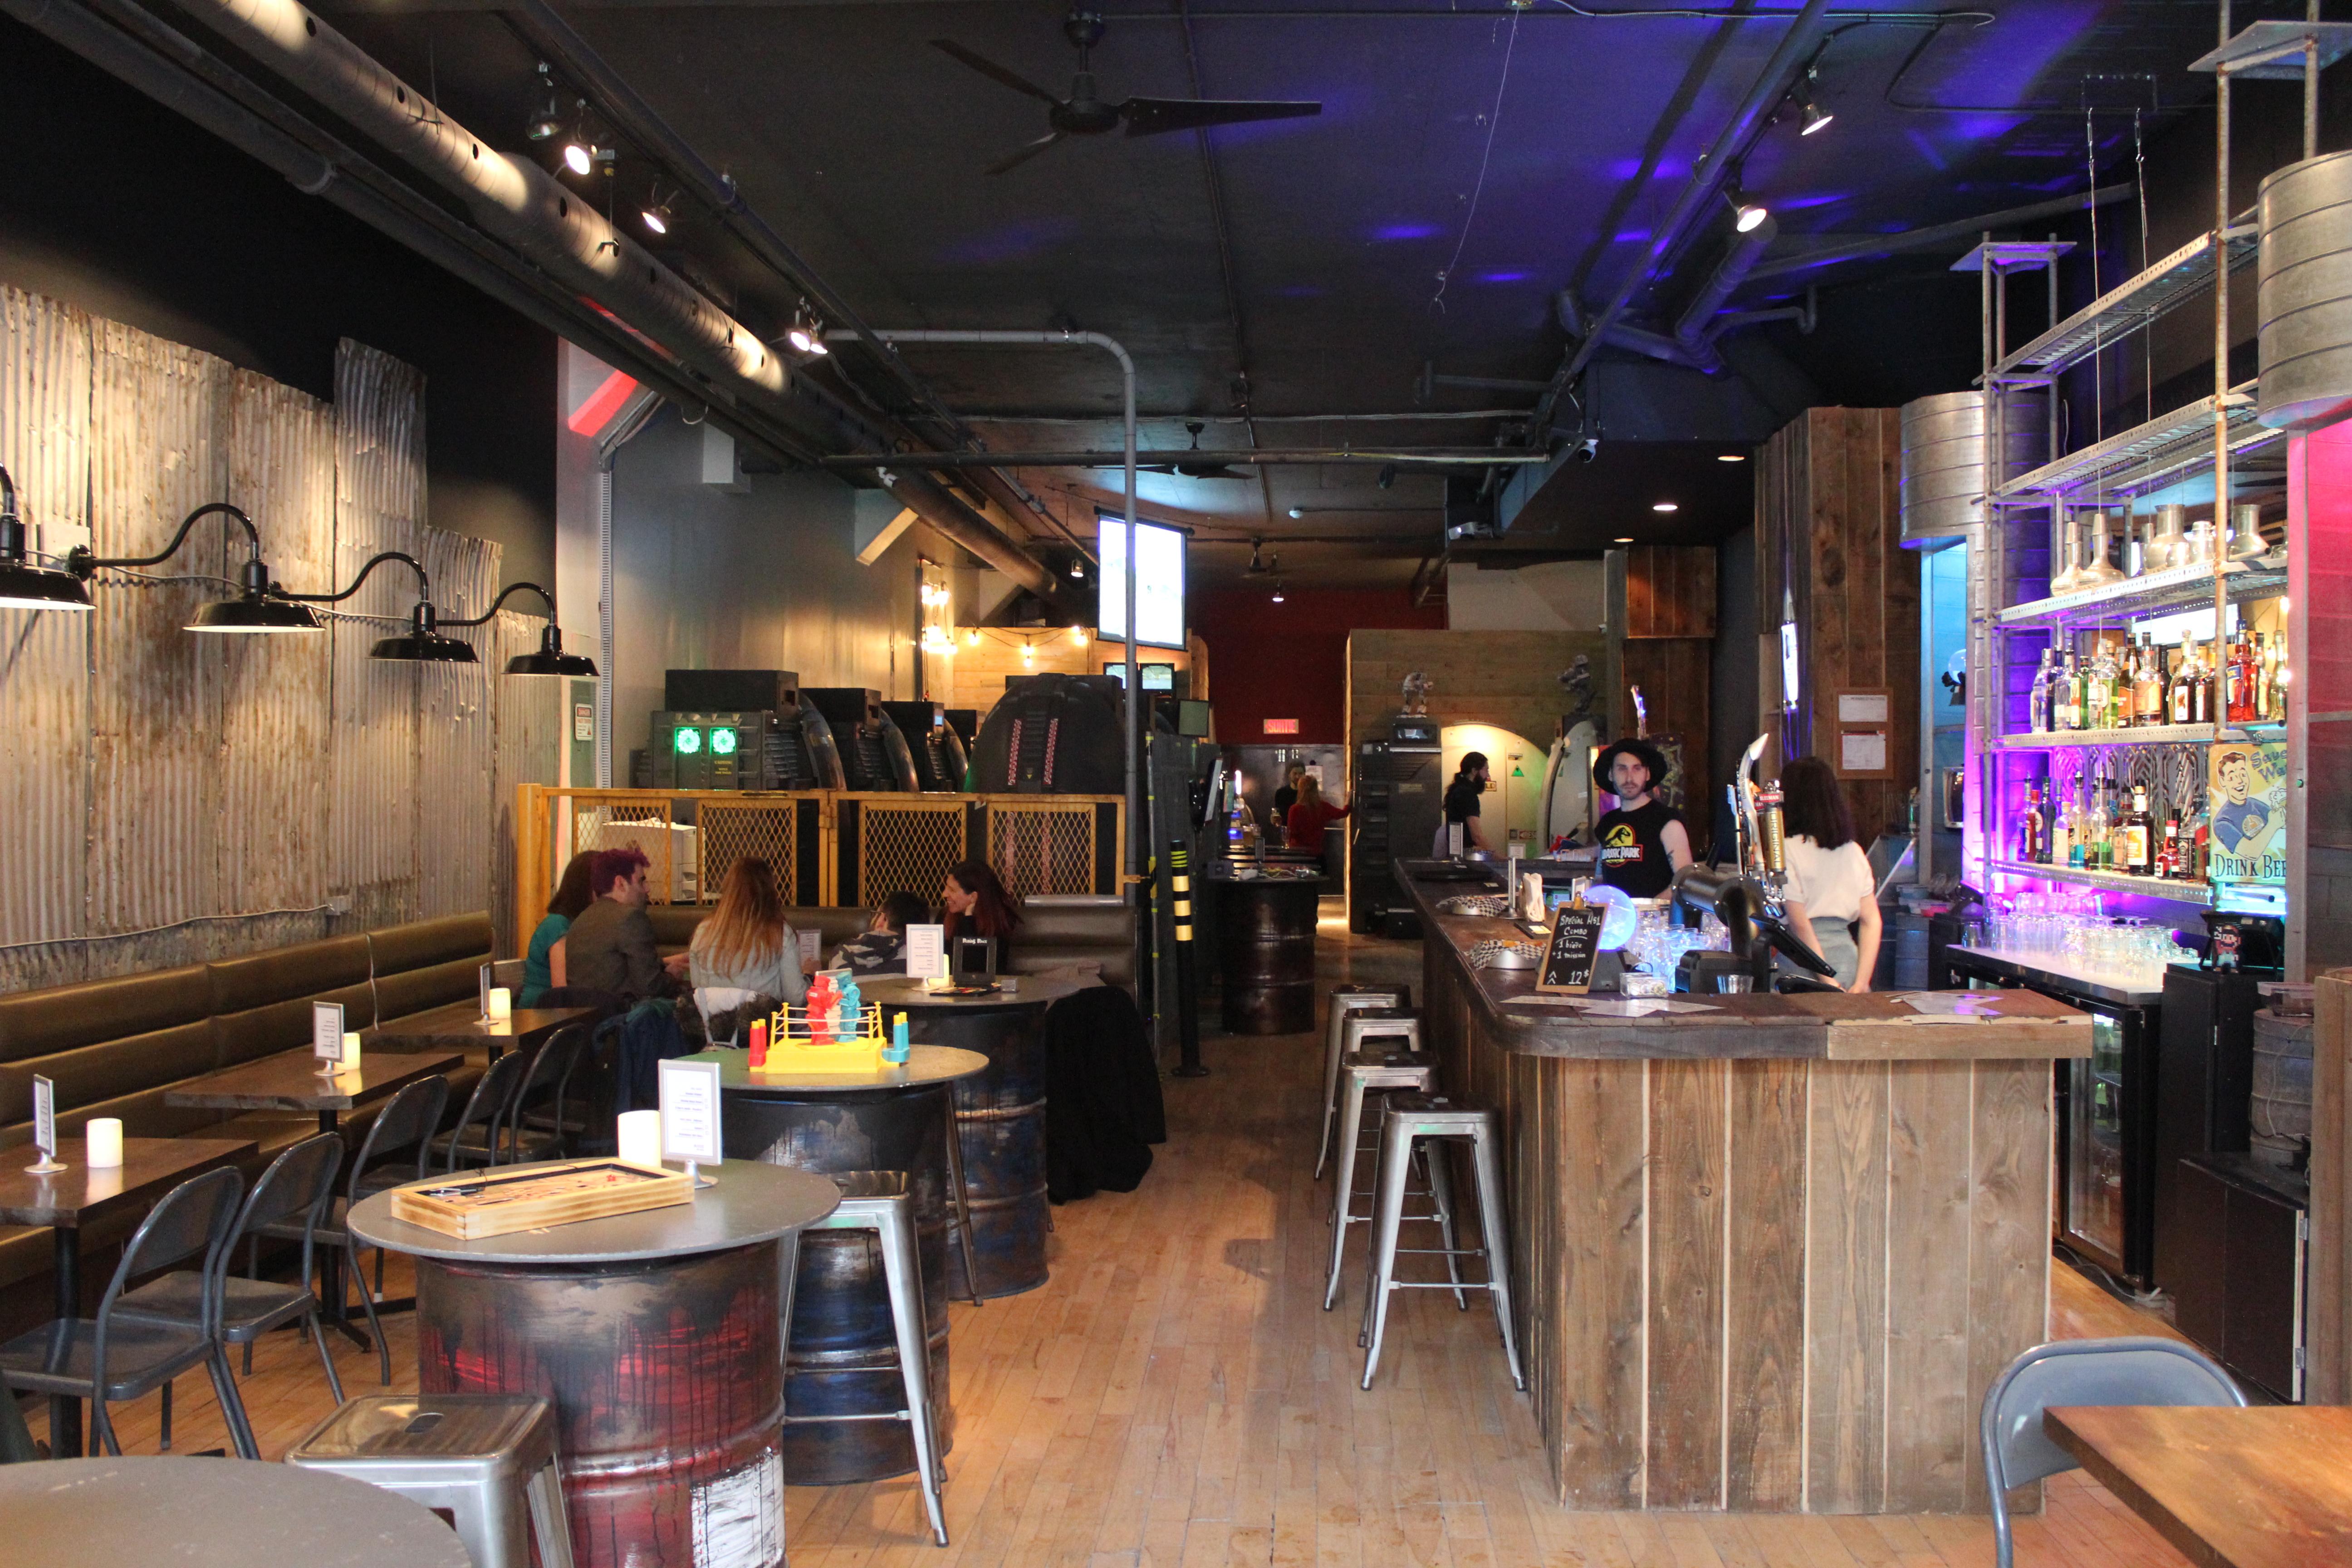 La section bar offre aux clients une vaste sélection de boissons, ainsi que plusieurs jeux de société à essayer